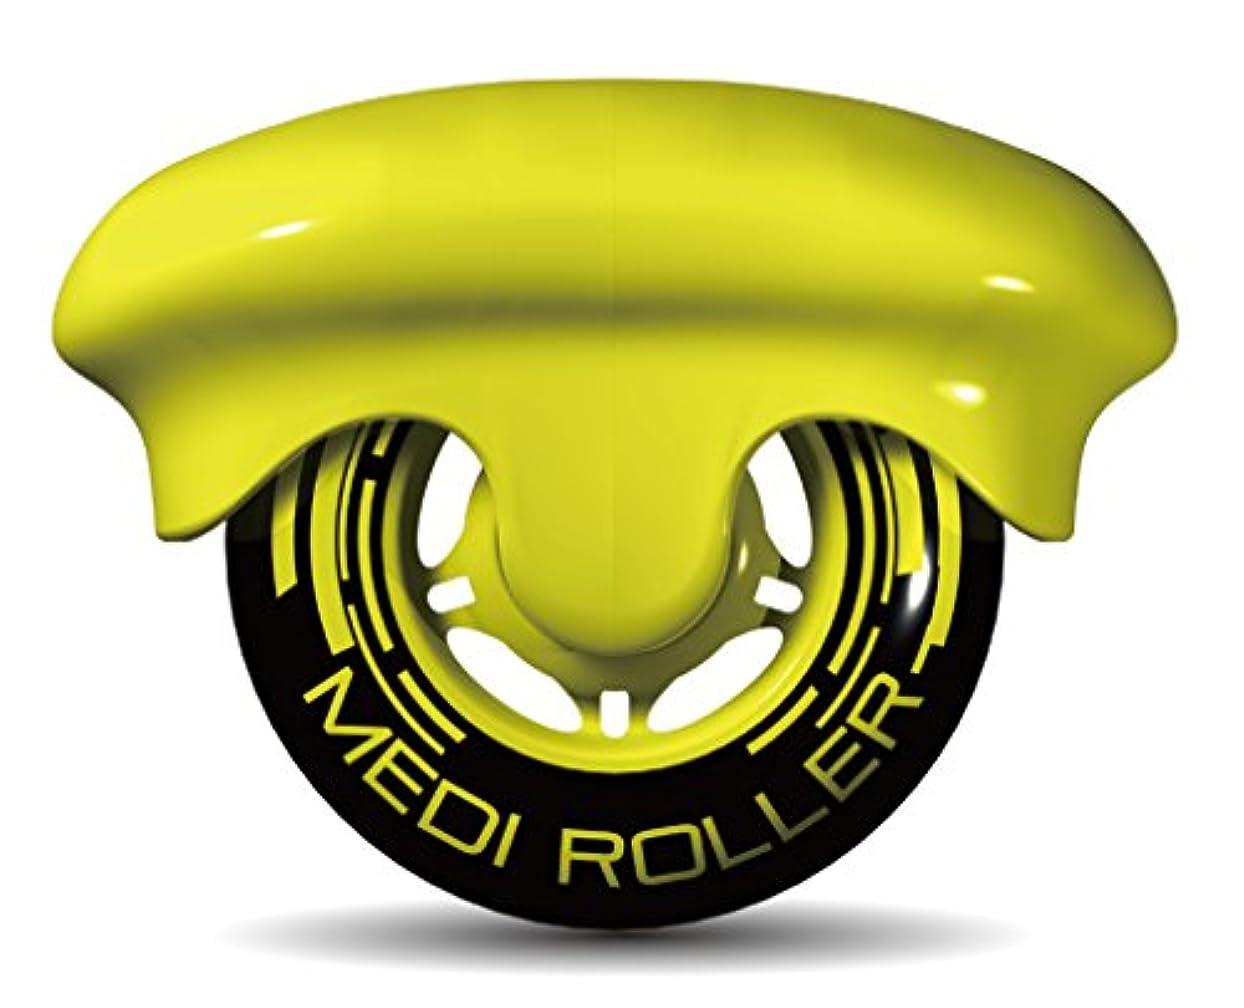 胴体スペクトラム確立MEDI ROLLER (メディローラー) 巾着付き 筋肉のコリを点で押すセルフローラー (イエロー)